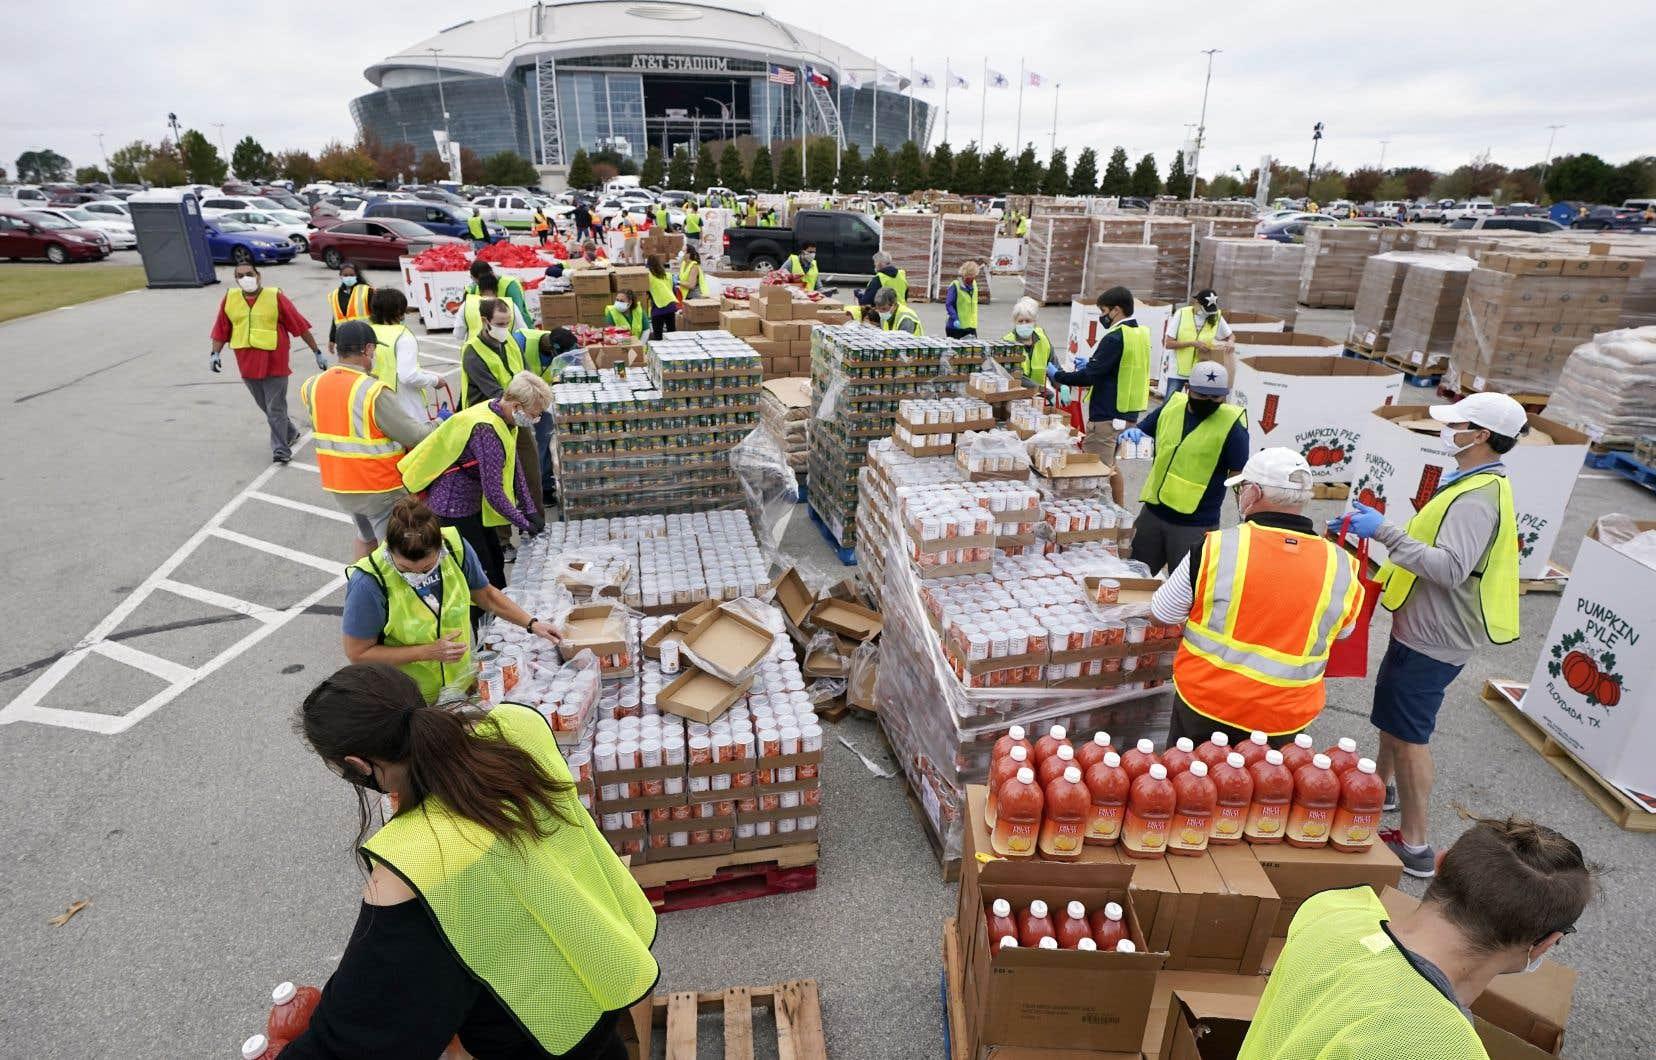 Des volontaires préparent des denrées non périssables avant qu'elles soient distribuées à plus de 5000 familles à Arlington, au Texas.